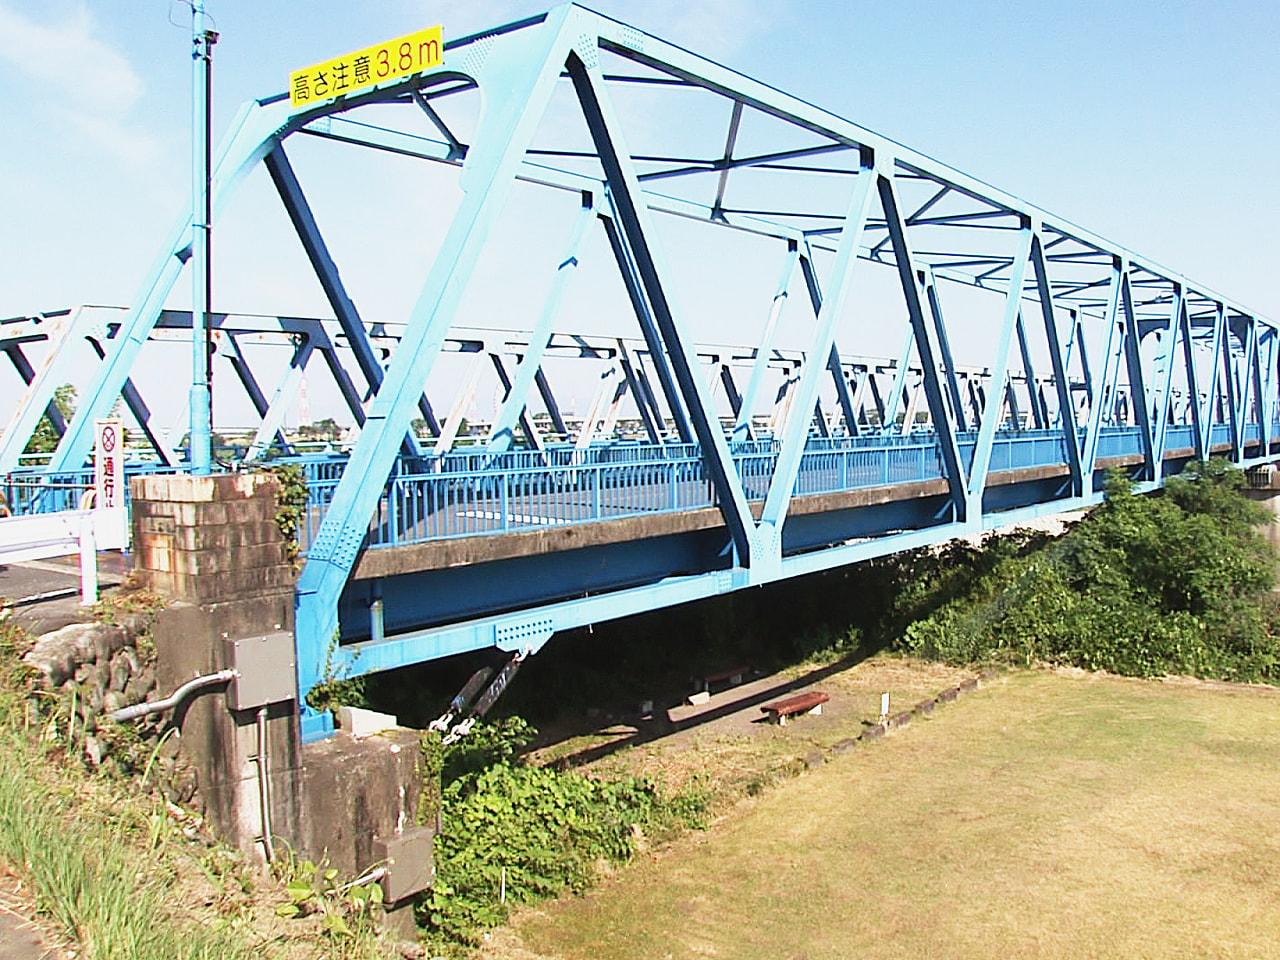 ことし5月の大雨の影響で橋脚が傾き通行止めになっている岐阜県各務原市の川島大橋に...